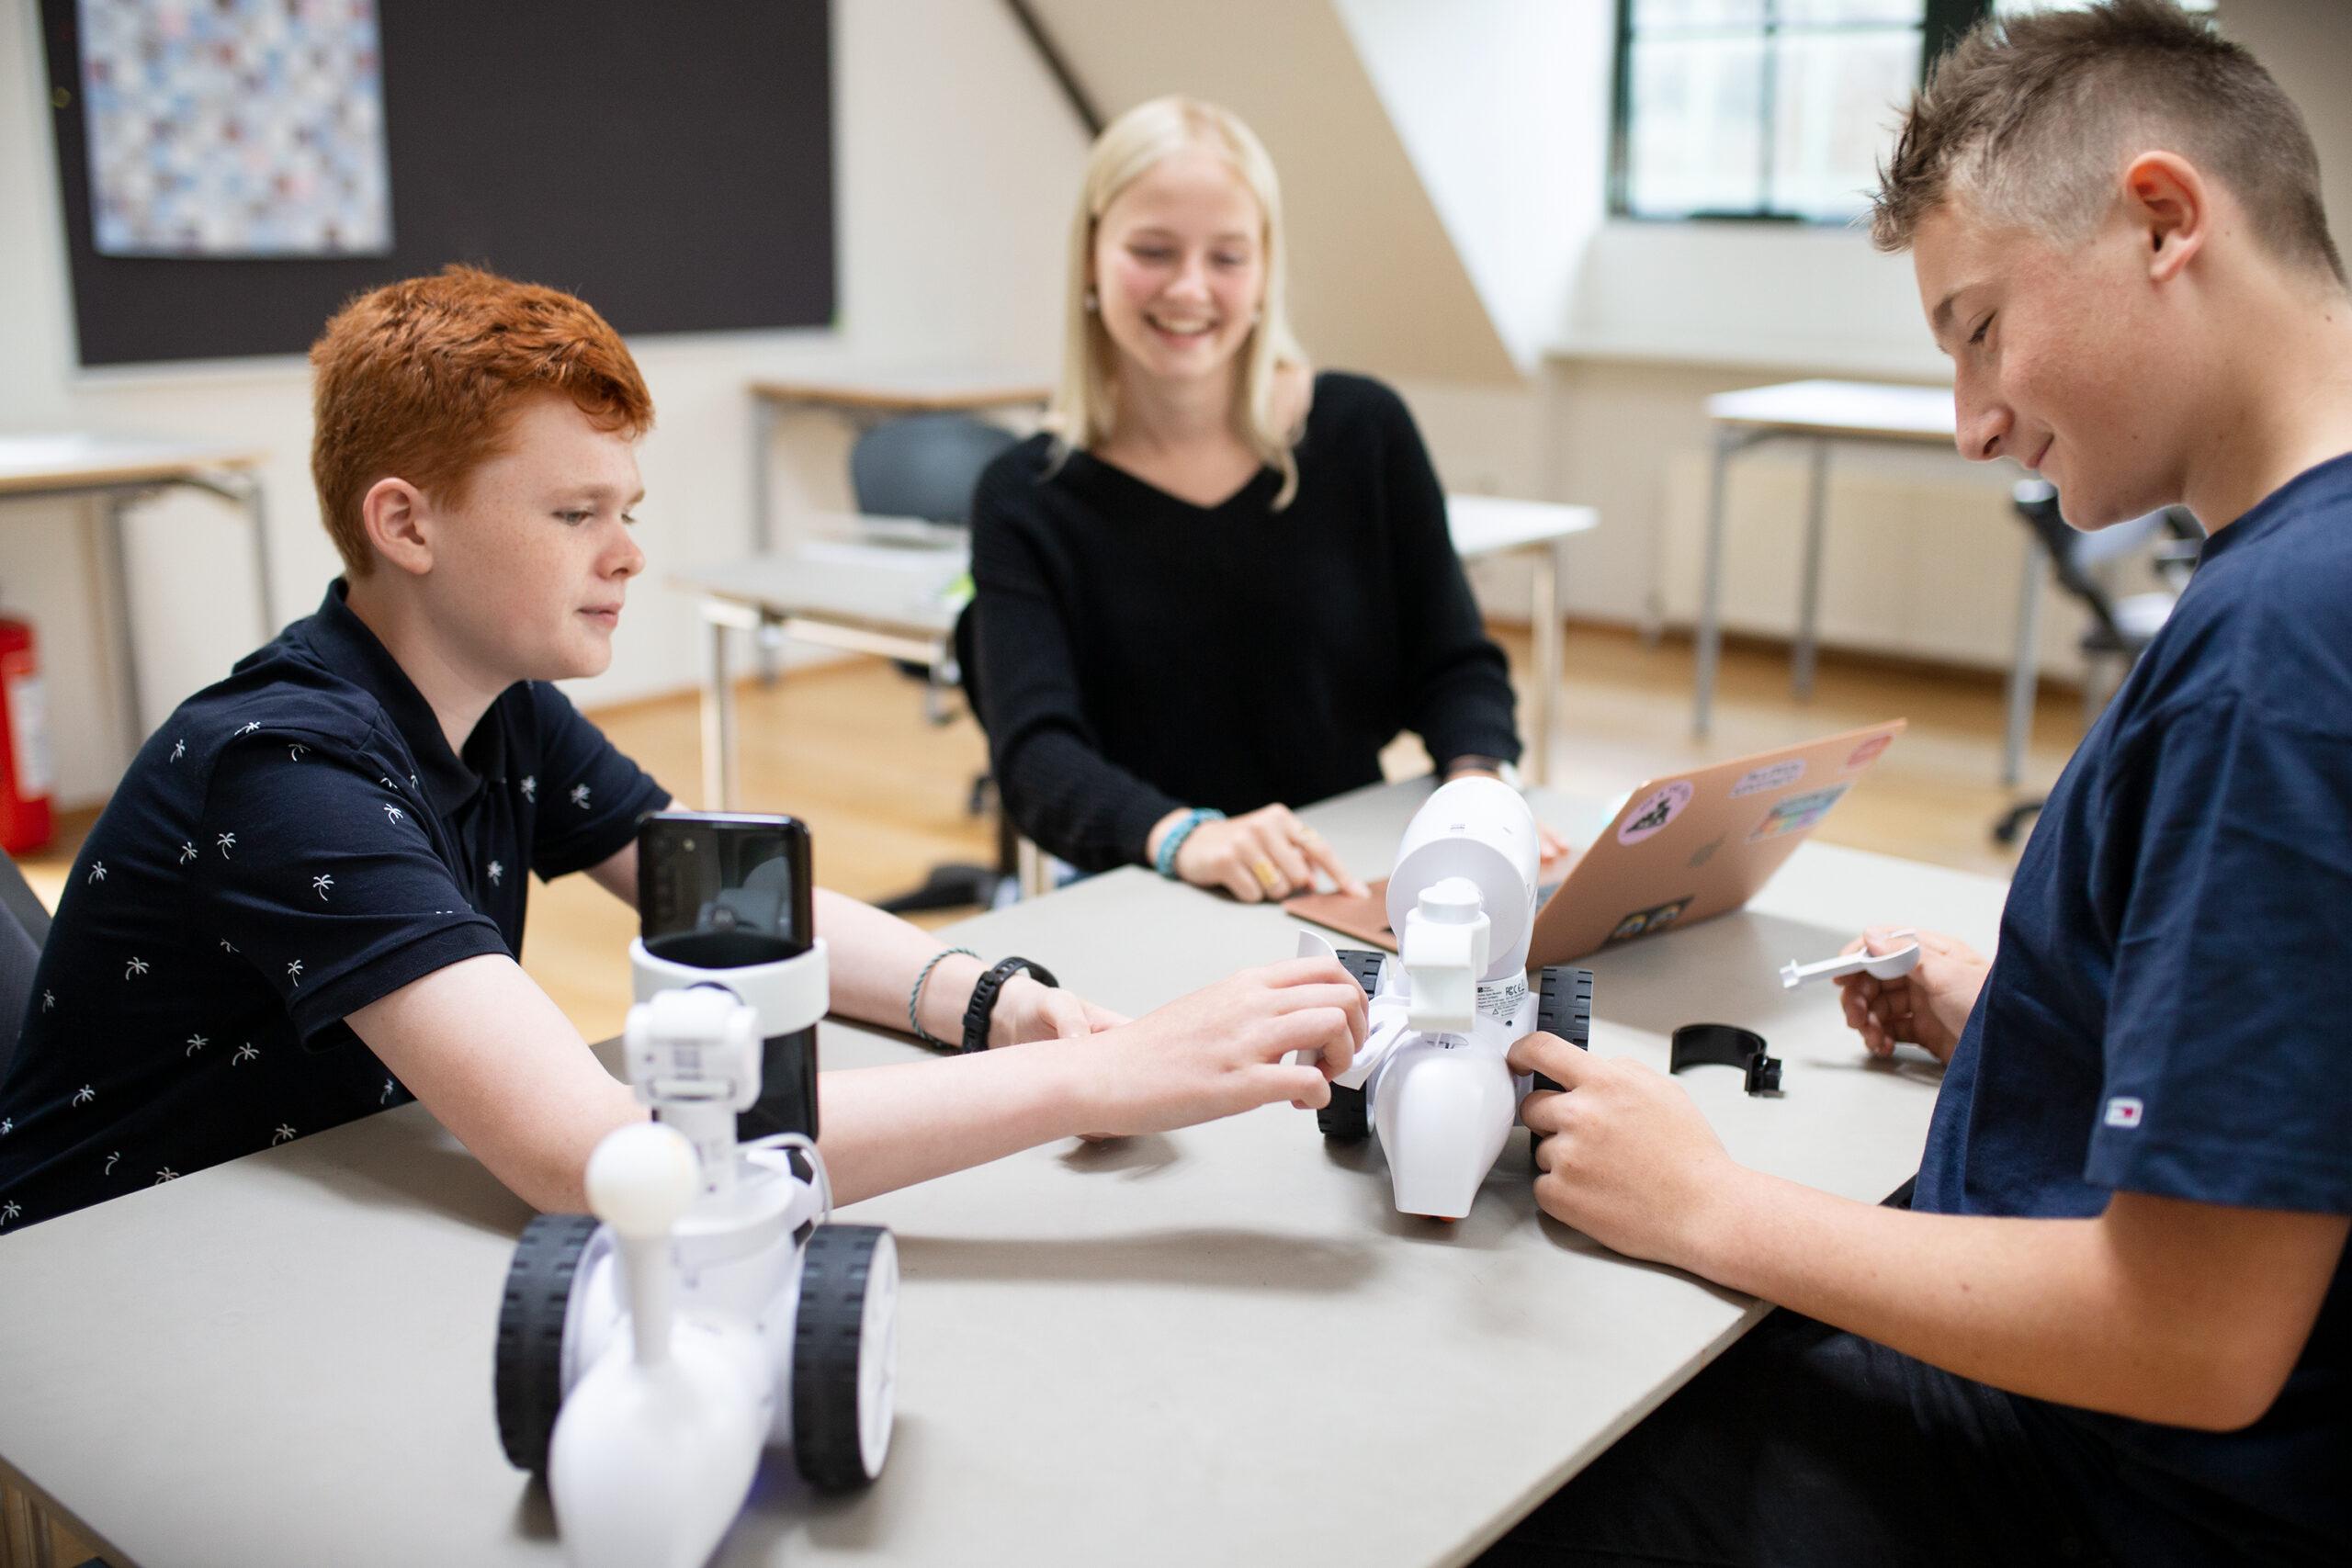 Nordnet live: Mød Shape Robotics og hør mere om potentialet på uddannelsesmarkedet samt virksomhedens vækstplaner